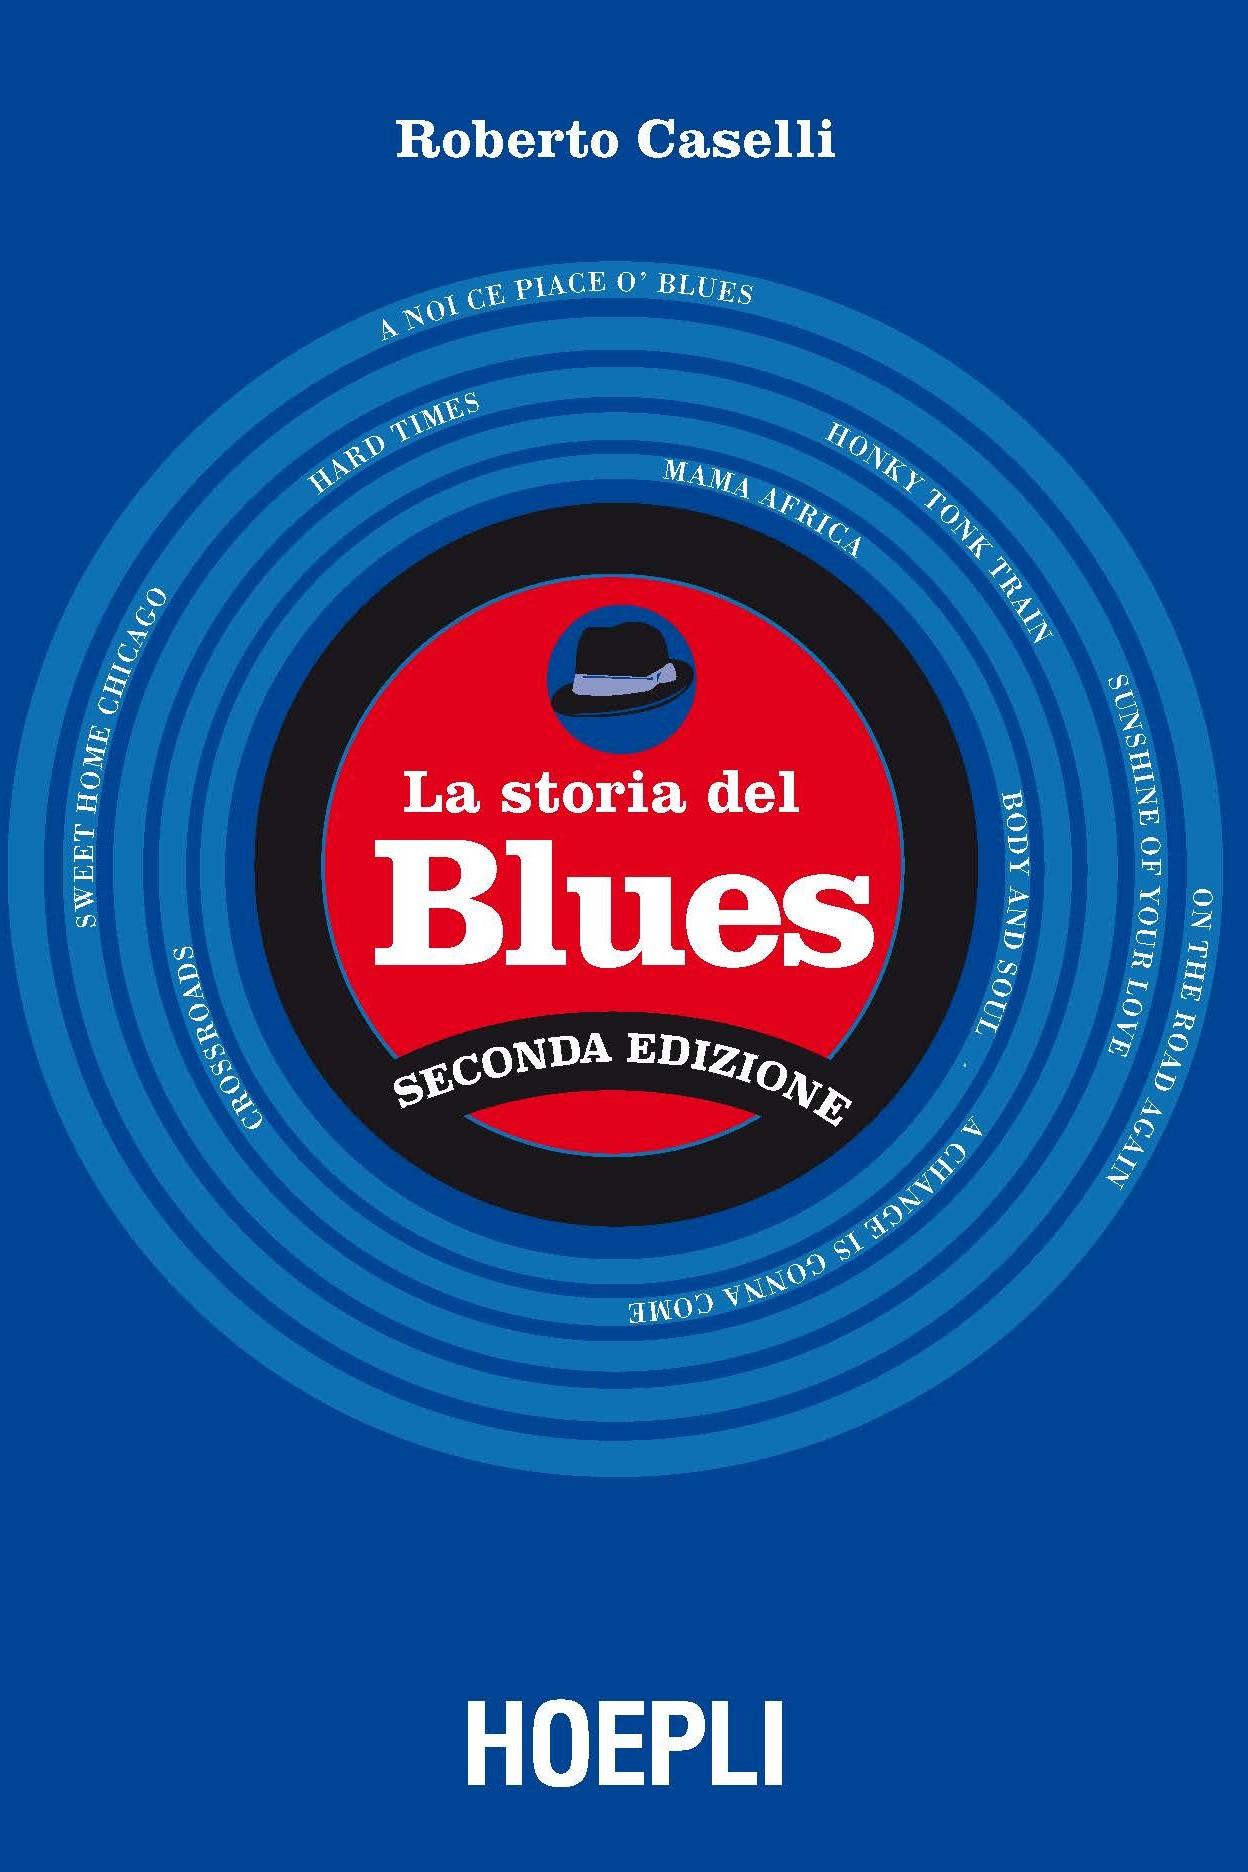 LA STORIA DEL BLUES - ROBERTO CASELLI